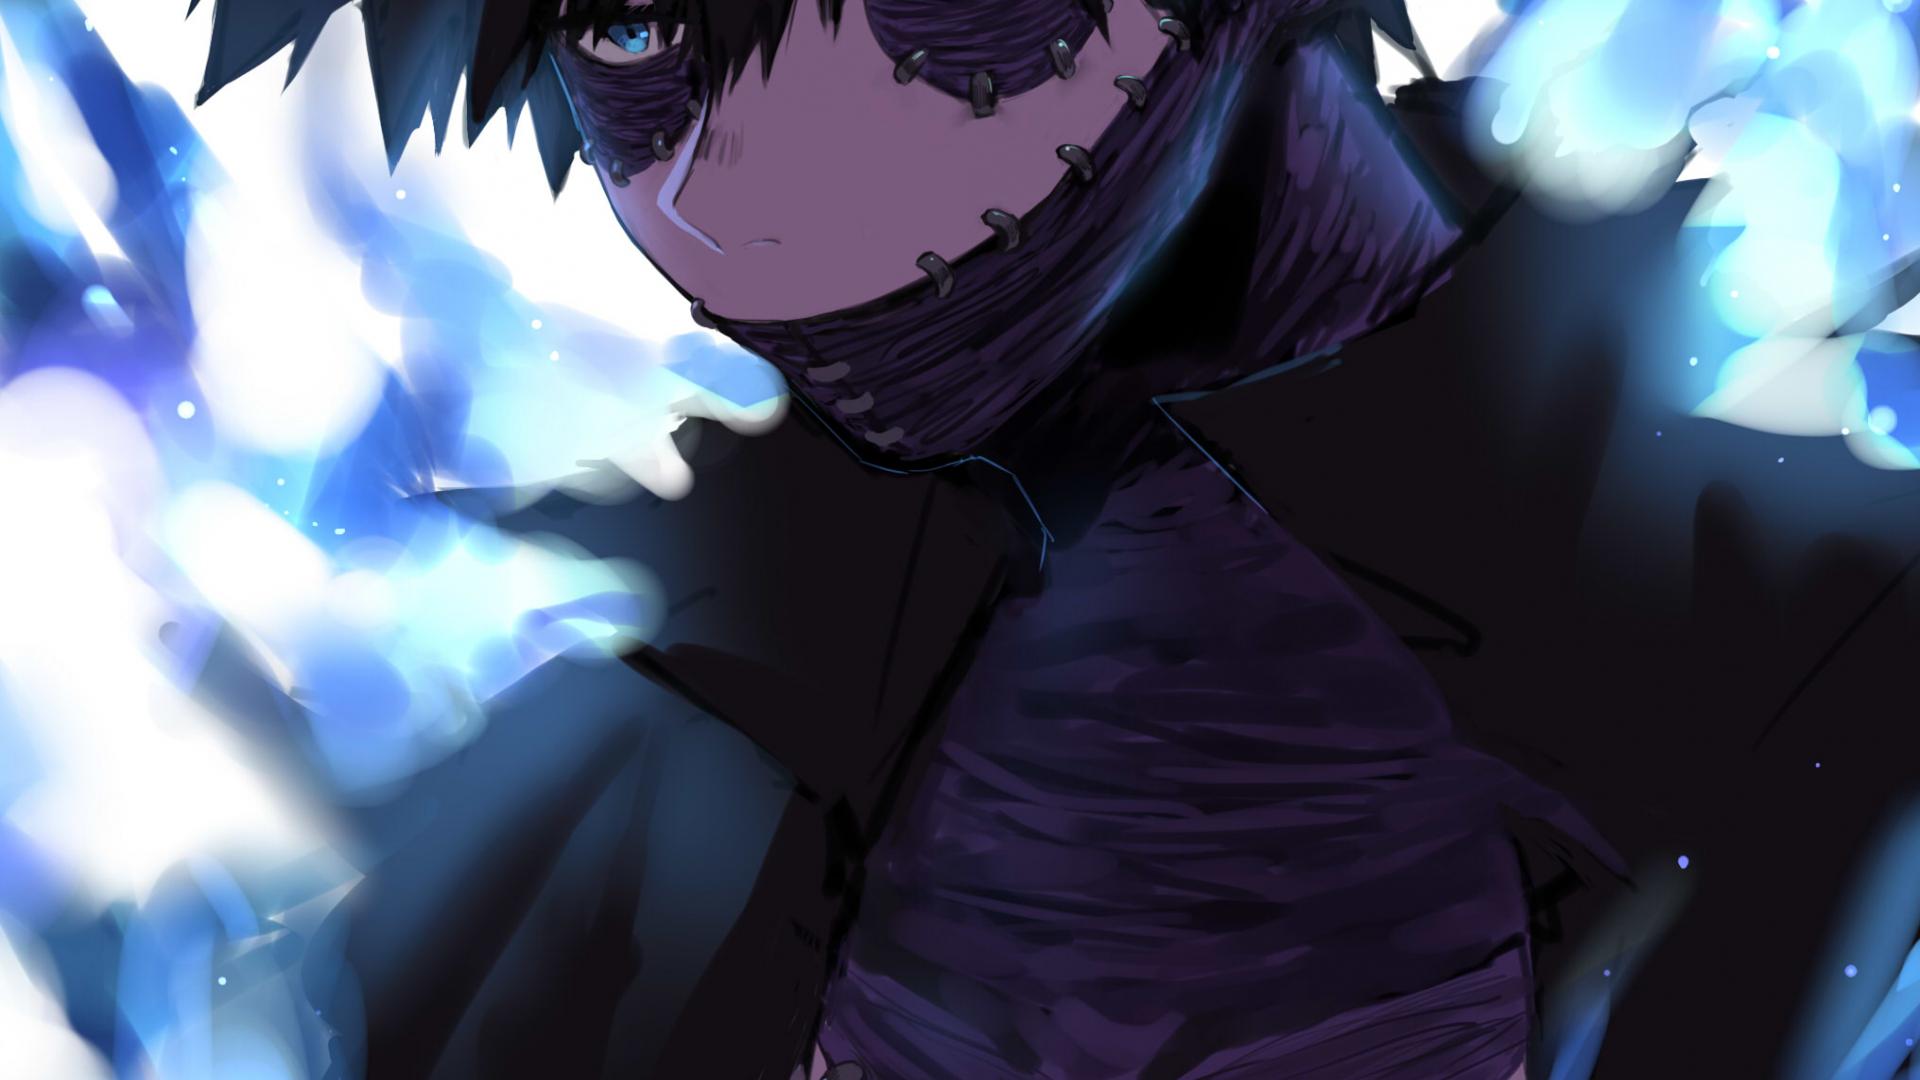 Free Download Dabi Boku No Hero Academia Zerochan Anime Image